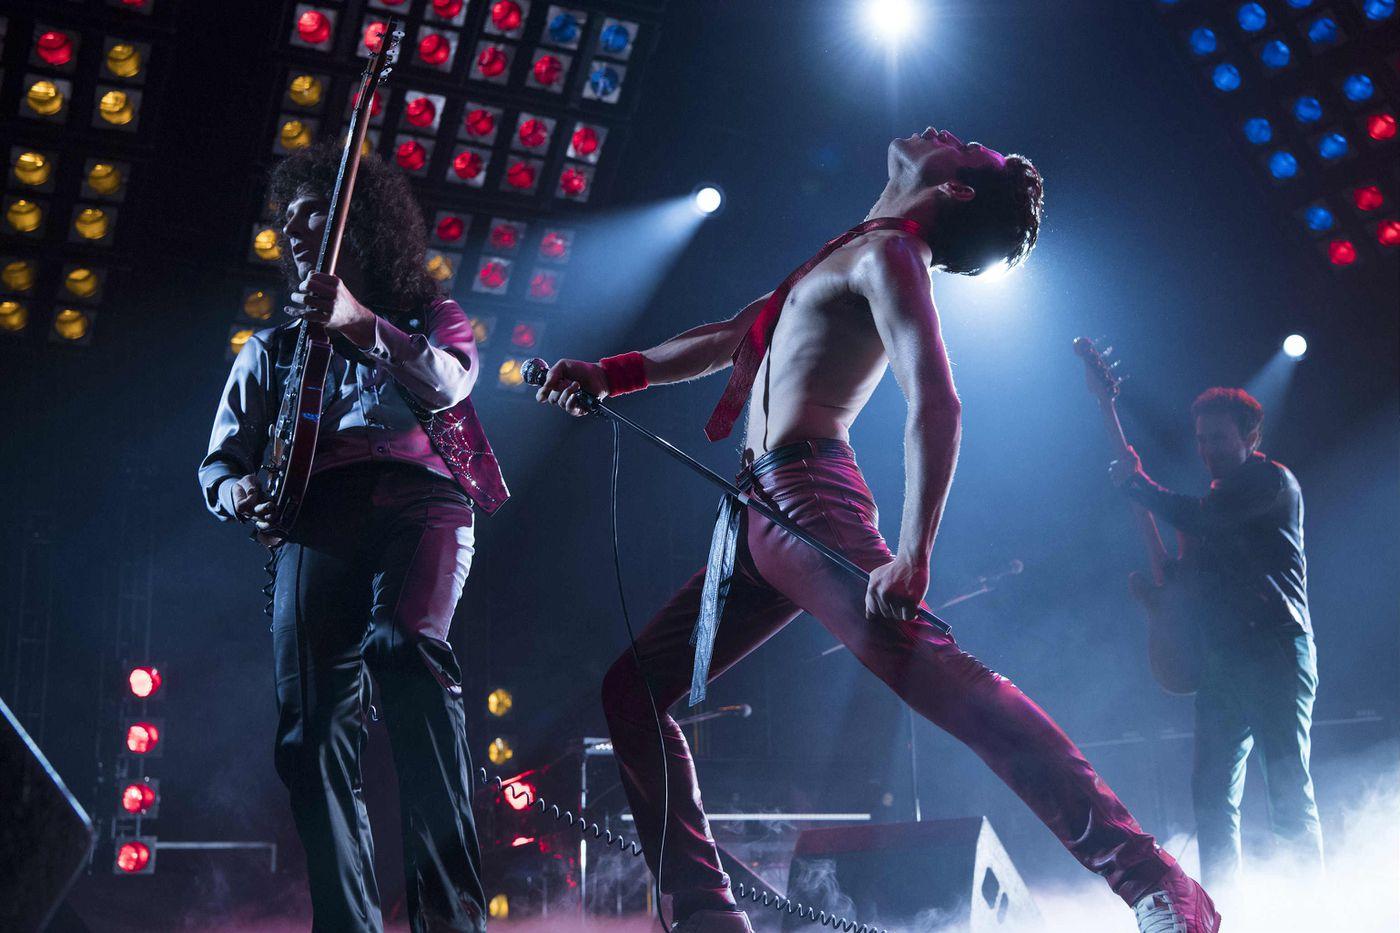 Oscars 2019: the bland Bohemian Rhapsody should not win Best